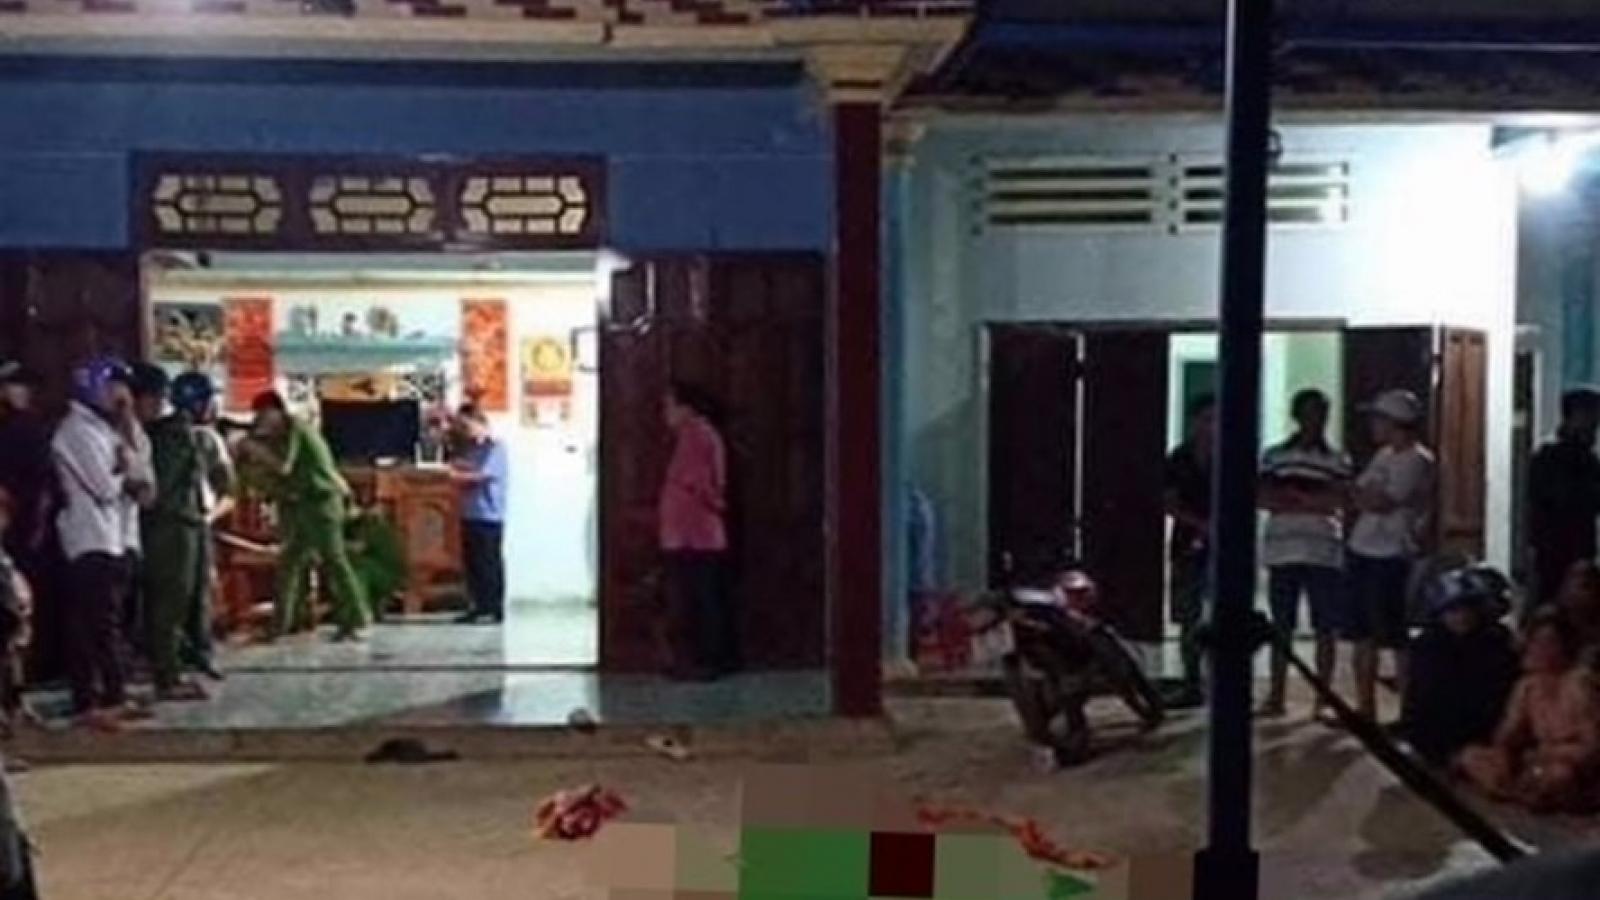 Nóng 24h: Truy bắt đối tượng gây ra 2 vụ nổ súng khiến 4 người thương vong